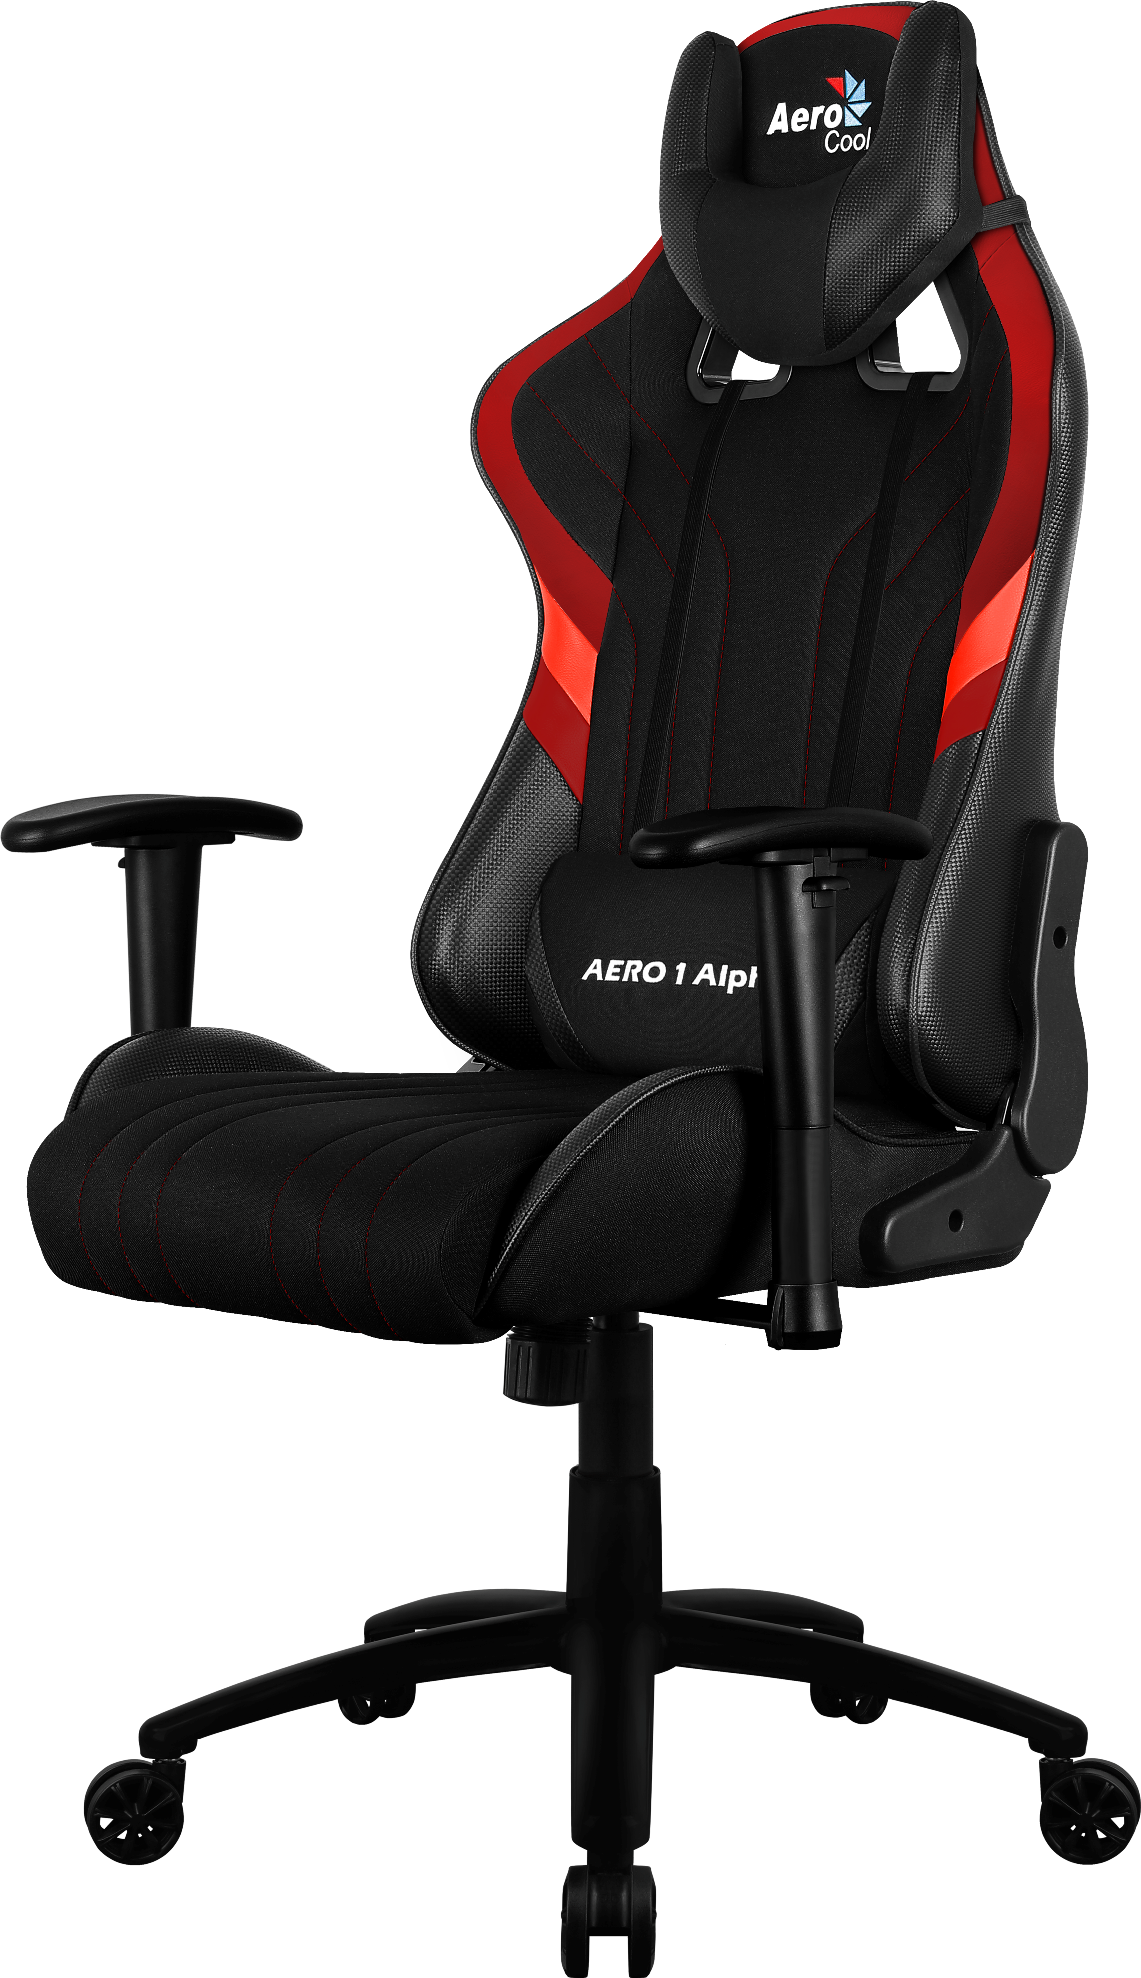 купить AERO 1 Alpha Black Red недорого